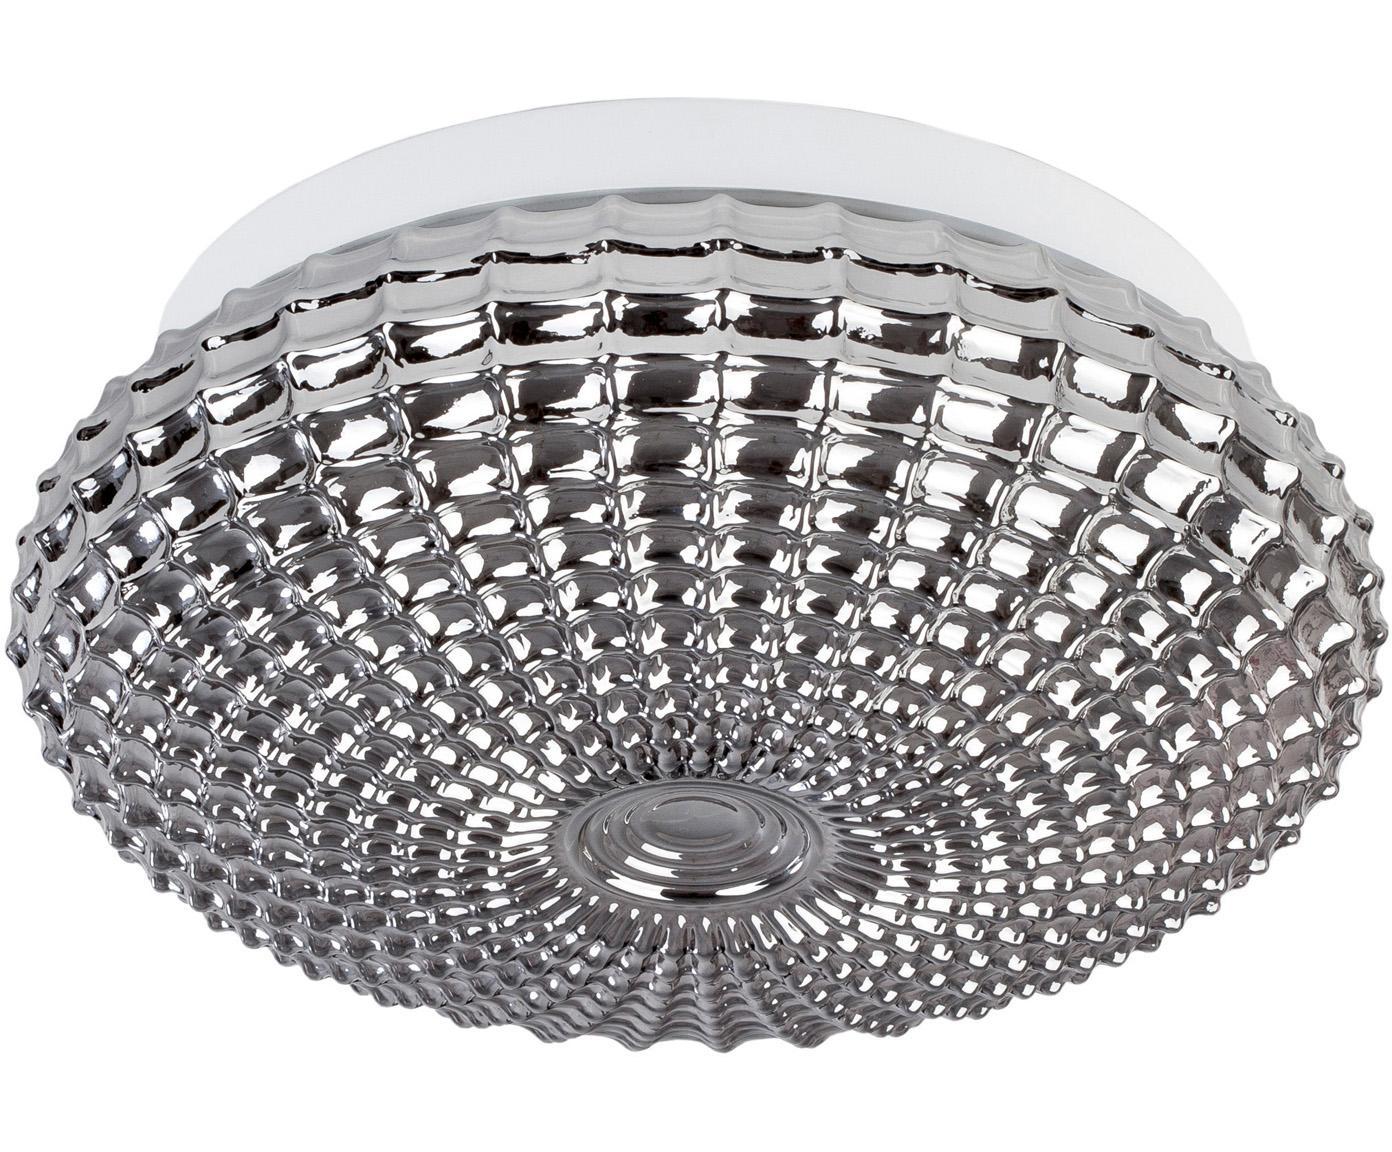 Deckenleuchte Clam aus Glas, Lampenschirm: Glas, Baldachin: Stahl, beschichtet, Chrom, Weiß, Ø 30 x H 12 cm